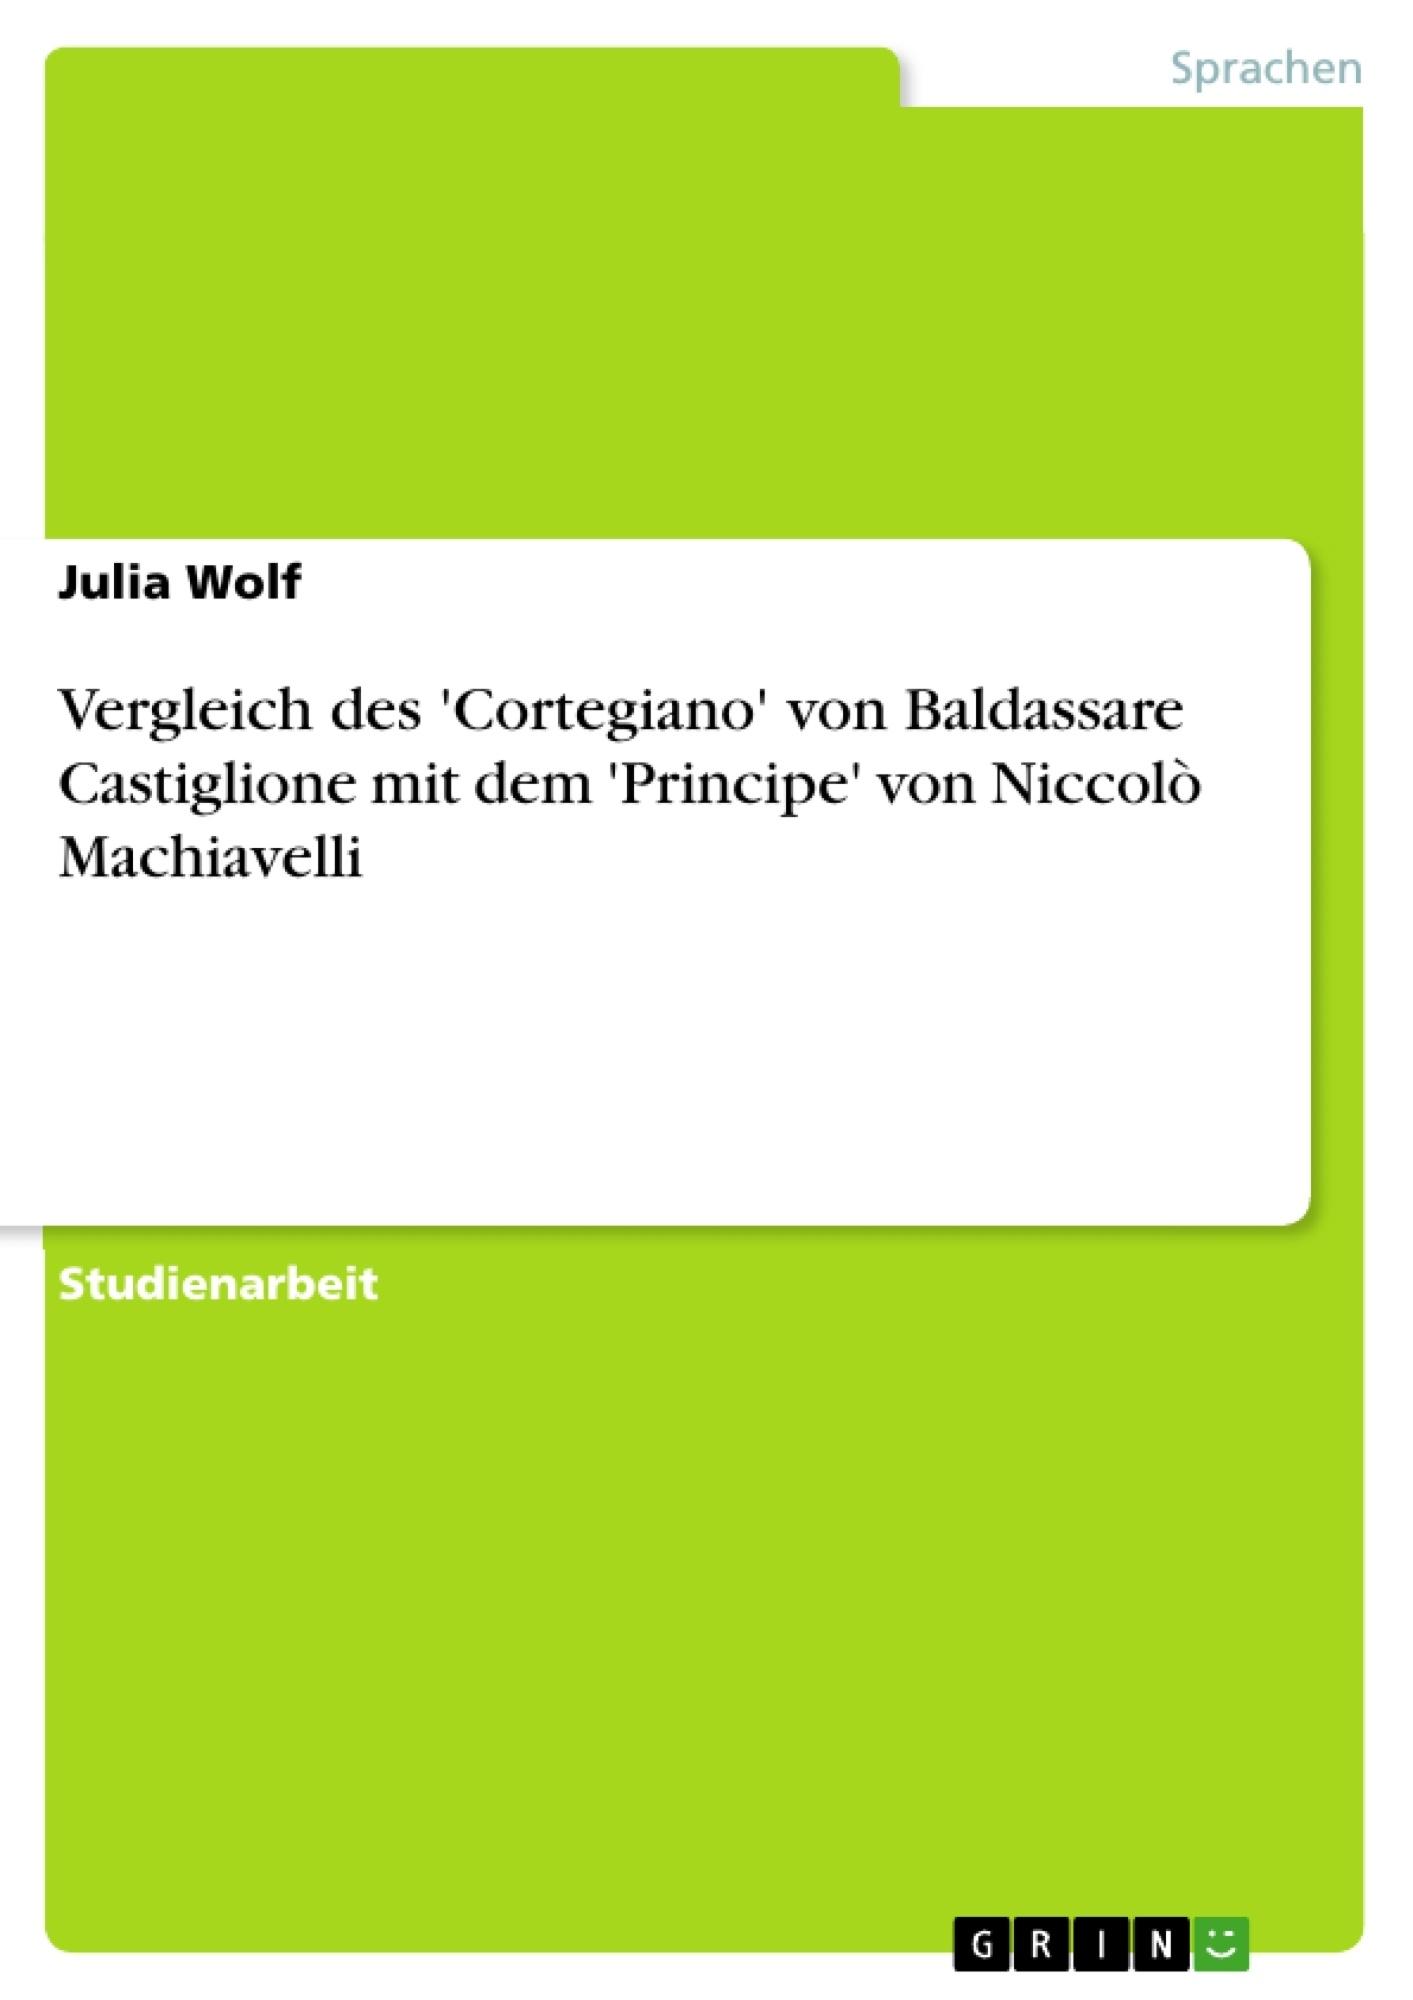 Titel: Vergleich des 'Cortegiano' von Baldassare Castiglione mit dem 'Principe' von Niccolò Machiavelli